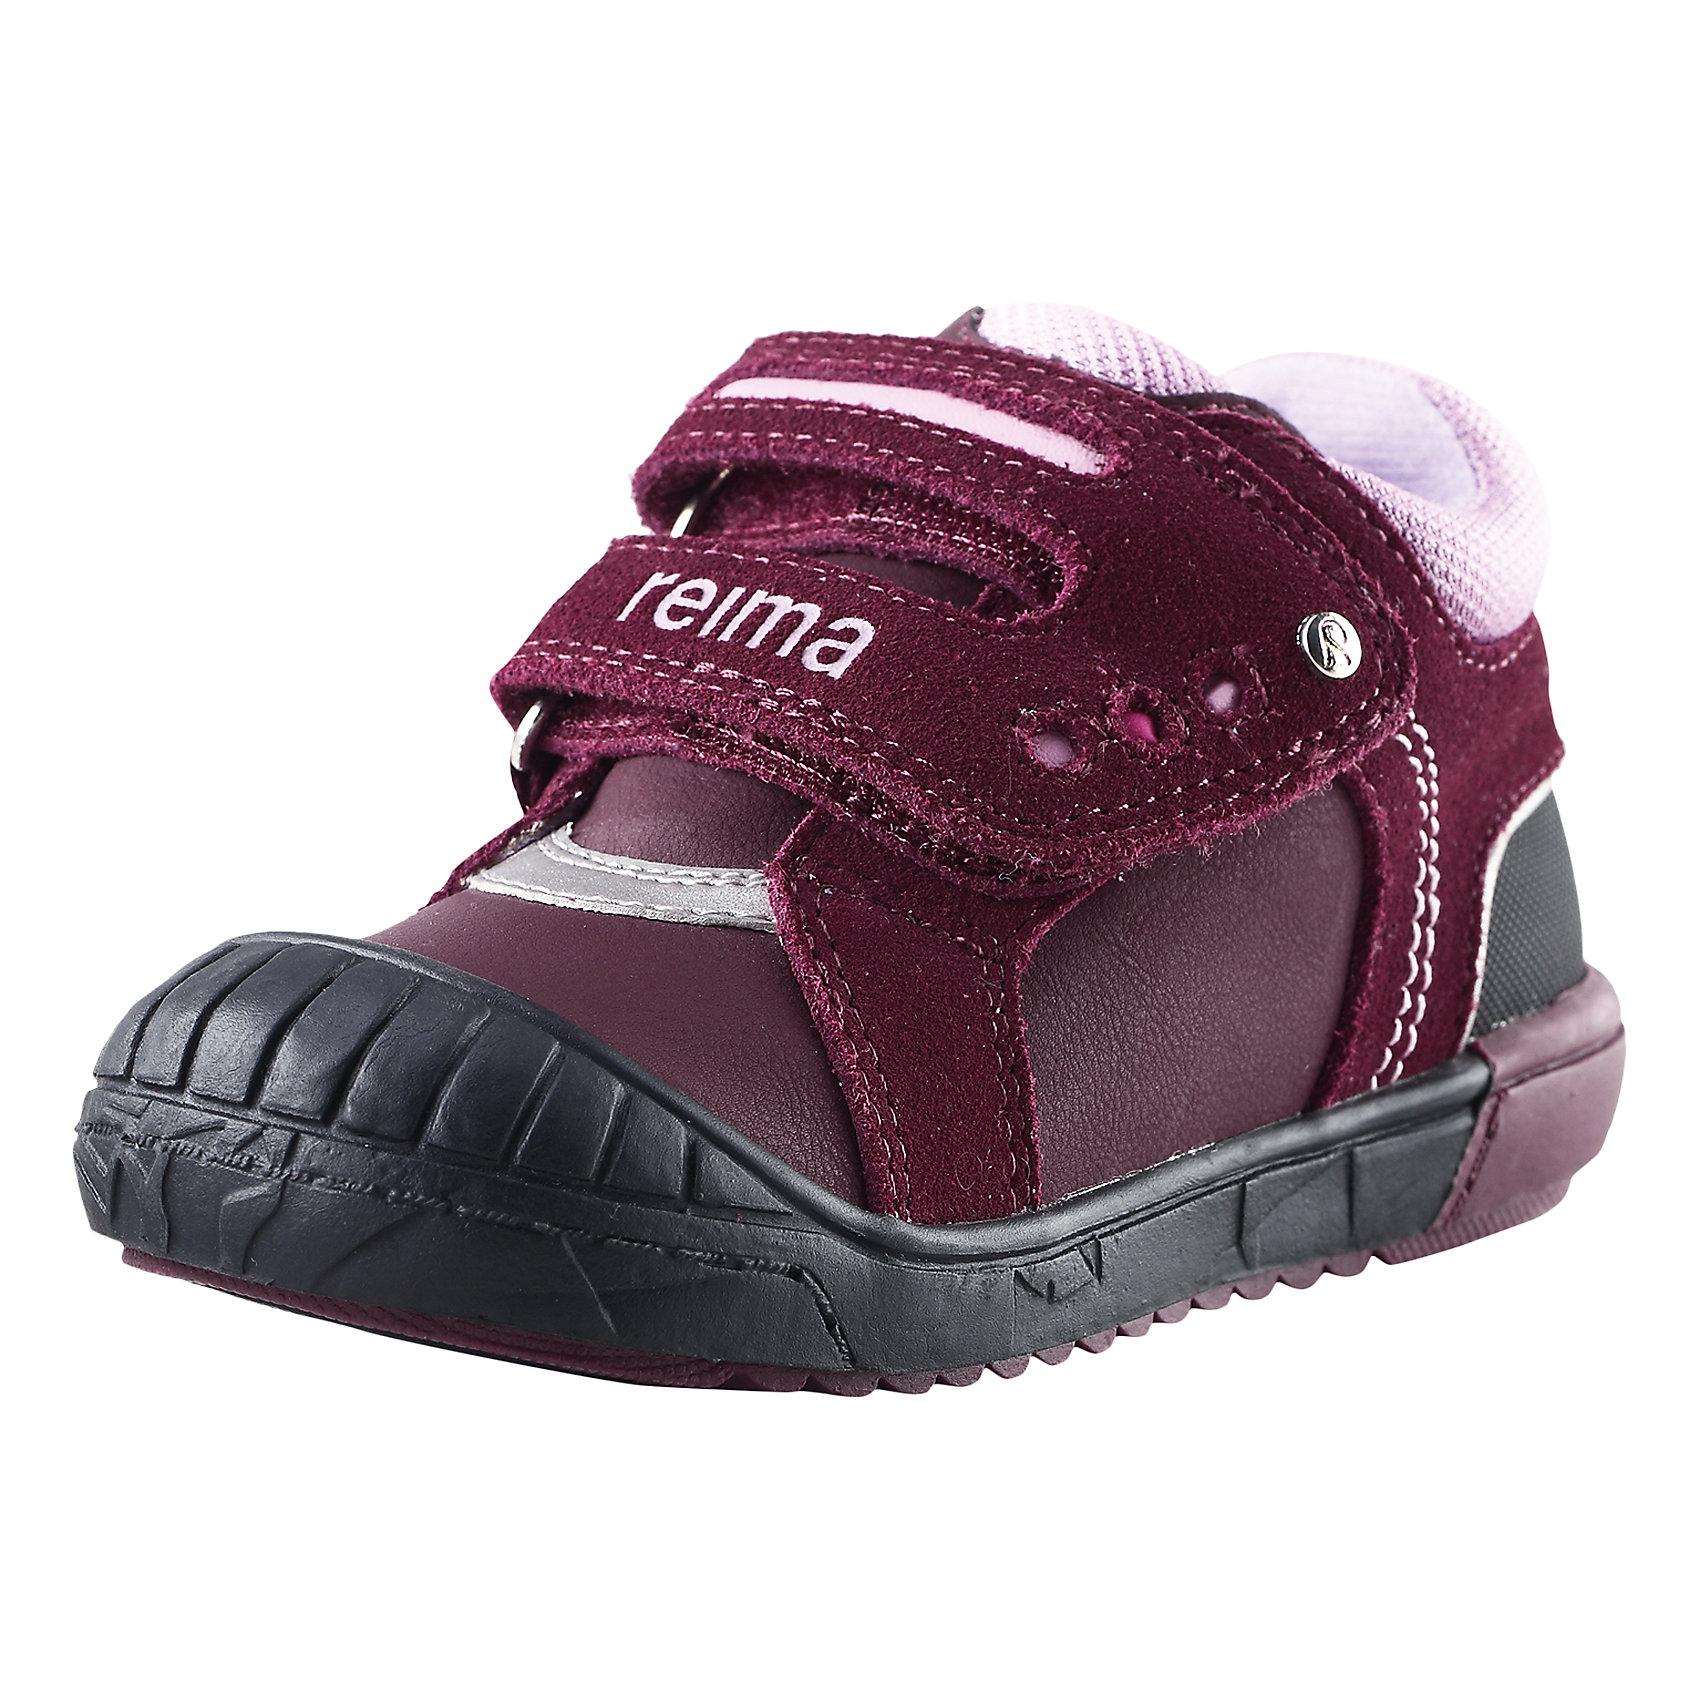 Ботинки Bremen Reimatec® ReimaОбувь<br>Ботинки  Reimatec® Reima<br>Обувь для малышей. Верх из натуральной замши (из телячьей кожи) и синтетического материала. Подошва из термопластичного каучука обеспечивает хорошее сцепление с поверхностью .Текстильная подкладка. Съемные стельки с рисунком Happy Fit, которые помогают определить размер. Застежки на липучках обеспечивают простоту использования. Светоотражающие детали.<br>Уход:<br>Храните обувь в вертикальном положении при комнатной температуре. Сушить обувь всегда следует при комнатной температуре: вынув съемные стельки. Стельки следует время от времени заменять на новые. Налипшую грязь можно счищать щеткой или влажной тряпкой. Перед использованием обувь рекомендуется обрабатывать специальными защитными средствами.<br>Состав:<br>Подошва: 100% термопластичная резина, Верх: 40% ПУ, 50% Кожа, 10% ПЭ<br><br>Ширина мм: 262<br>Глубина мм: 176<br>Высота мм: 97<br>Вес г: 427<br>Цвет: коричневый<br>Возраст от месяцев: 15<br>Возраст до месяцев: 18<br>Пол: Унисекс<br>Возраст: Детский<br>Размер: 22,24,28,25,27,26,20,21,23<br>SKU: 4776560